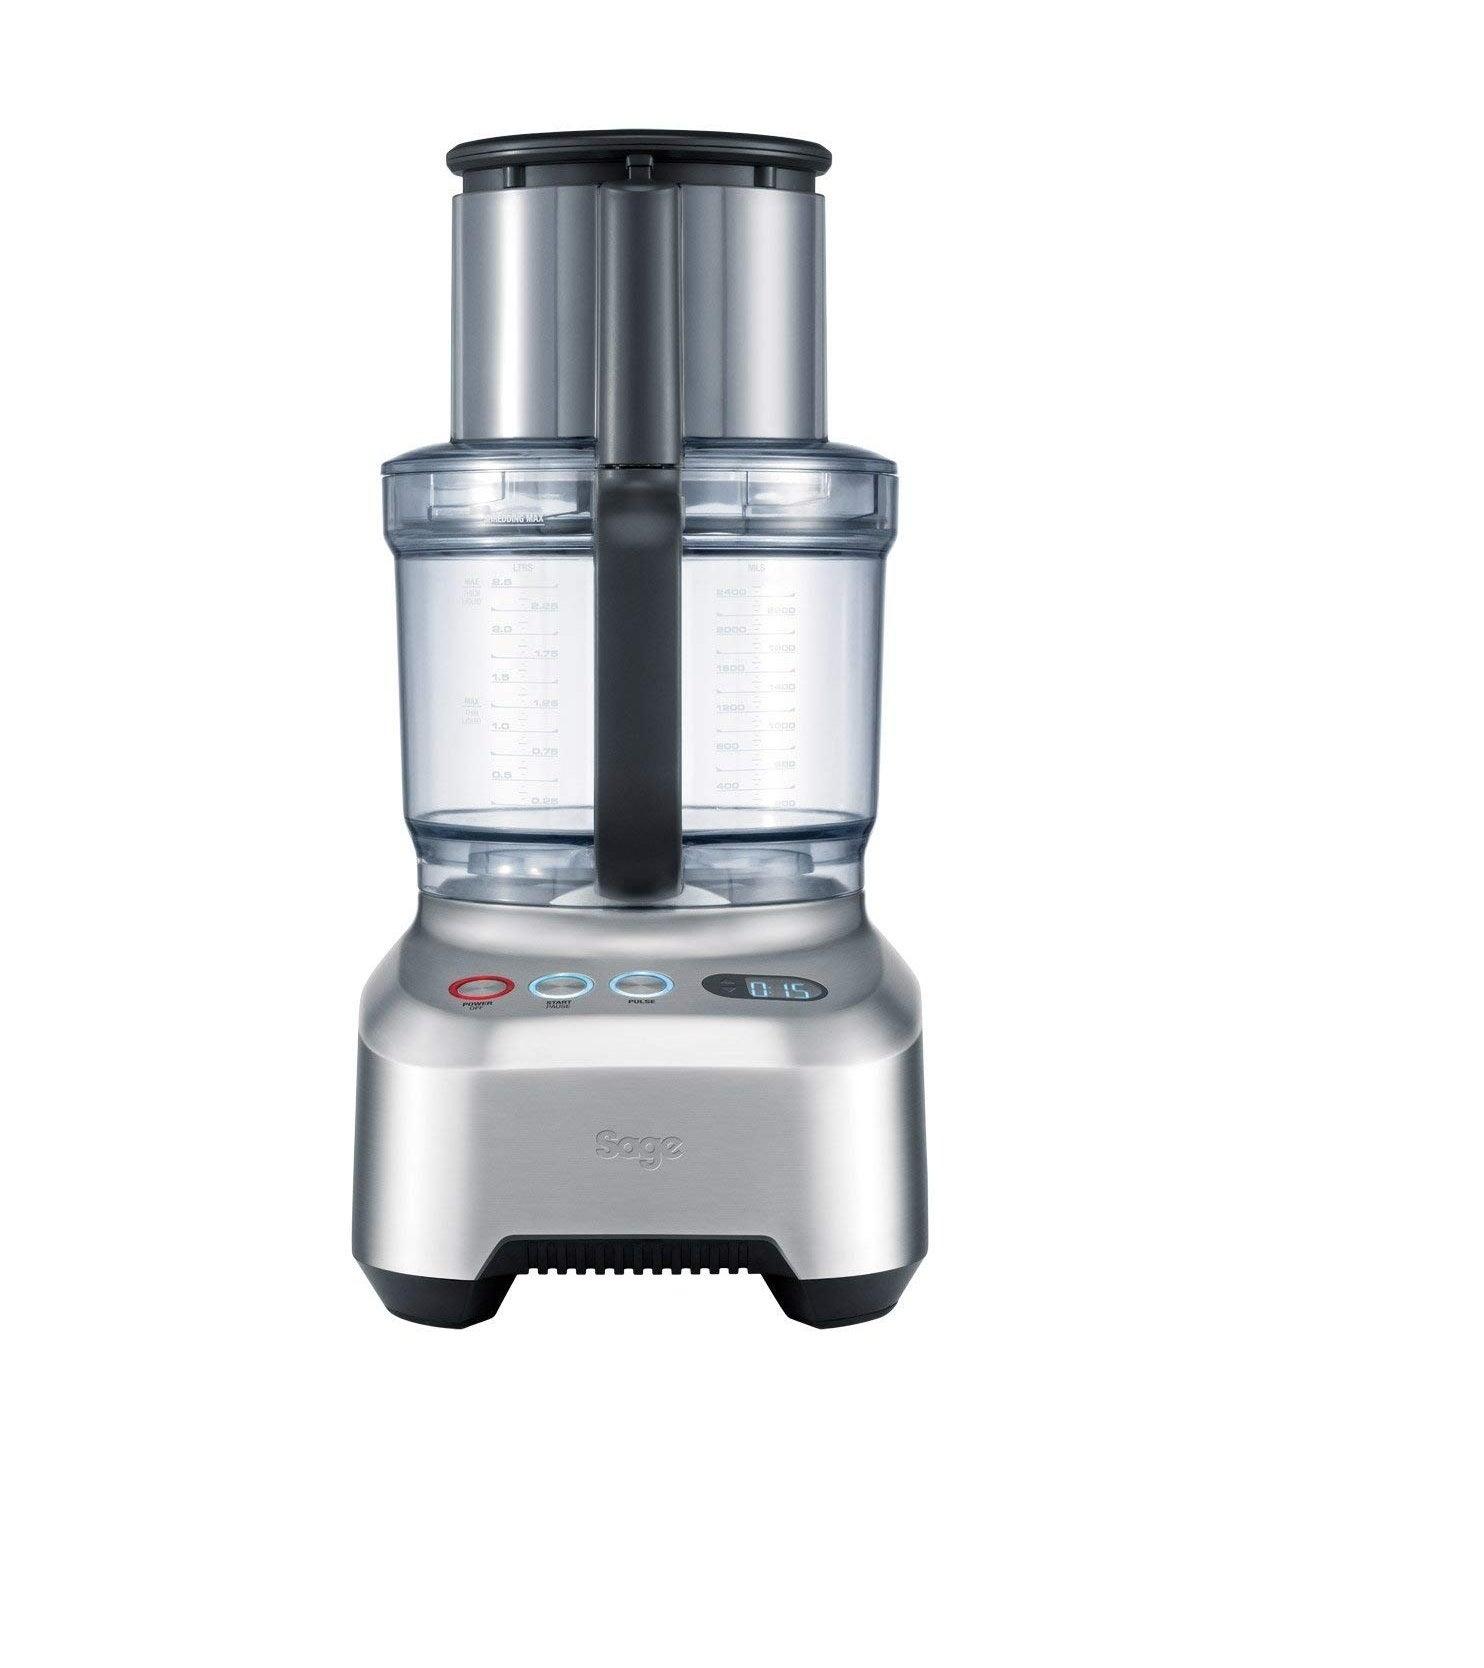 Breville BFP800BAL Food Processor